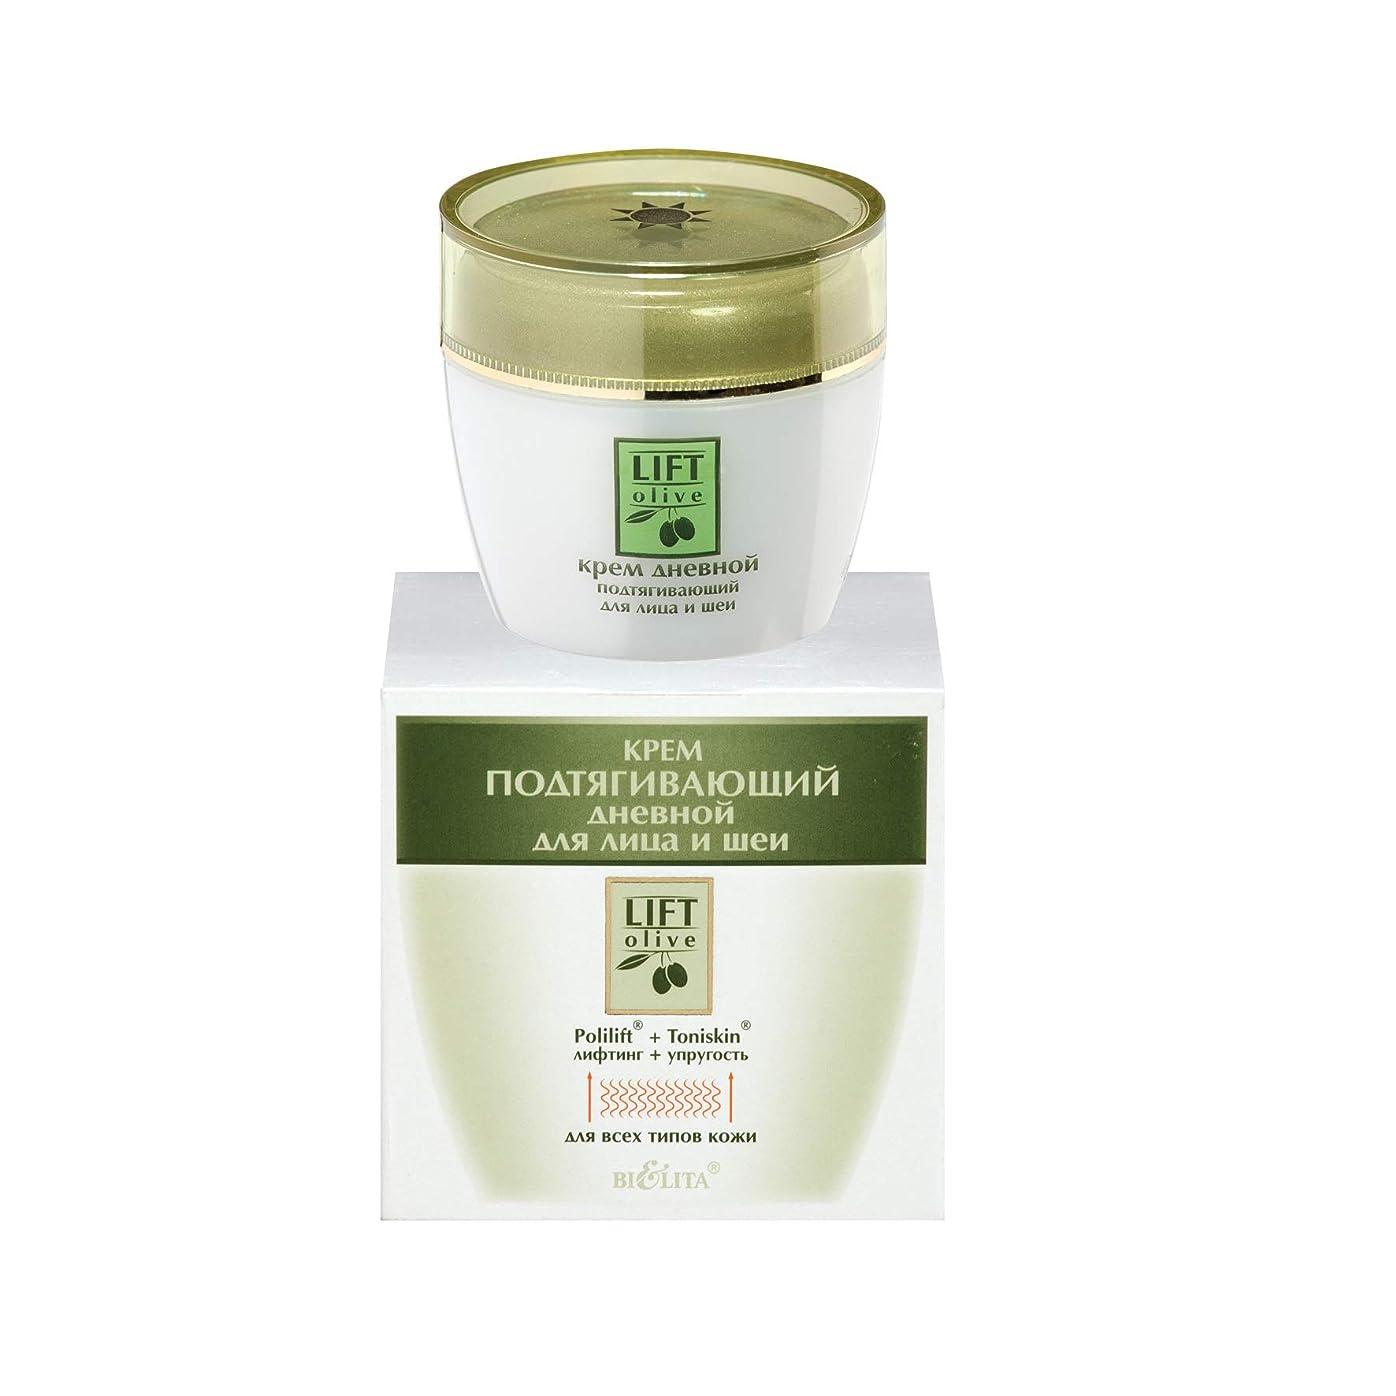 ピル無臭操作可能Bielita & Vitex Lift Olive Line | Lifting Face & Neck Day Cream 30+ for All Skin Types, 50 ml | Olive Oil, Collagen, Elastin, Vitamins A and E